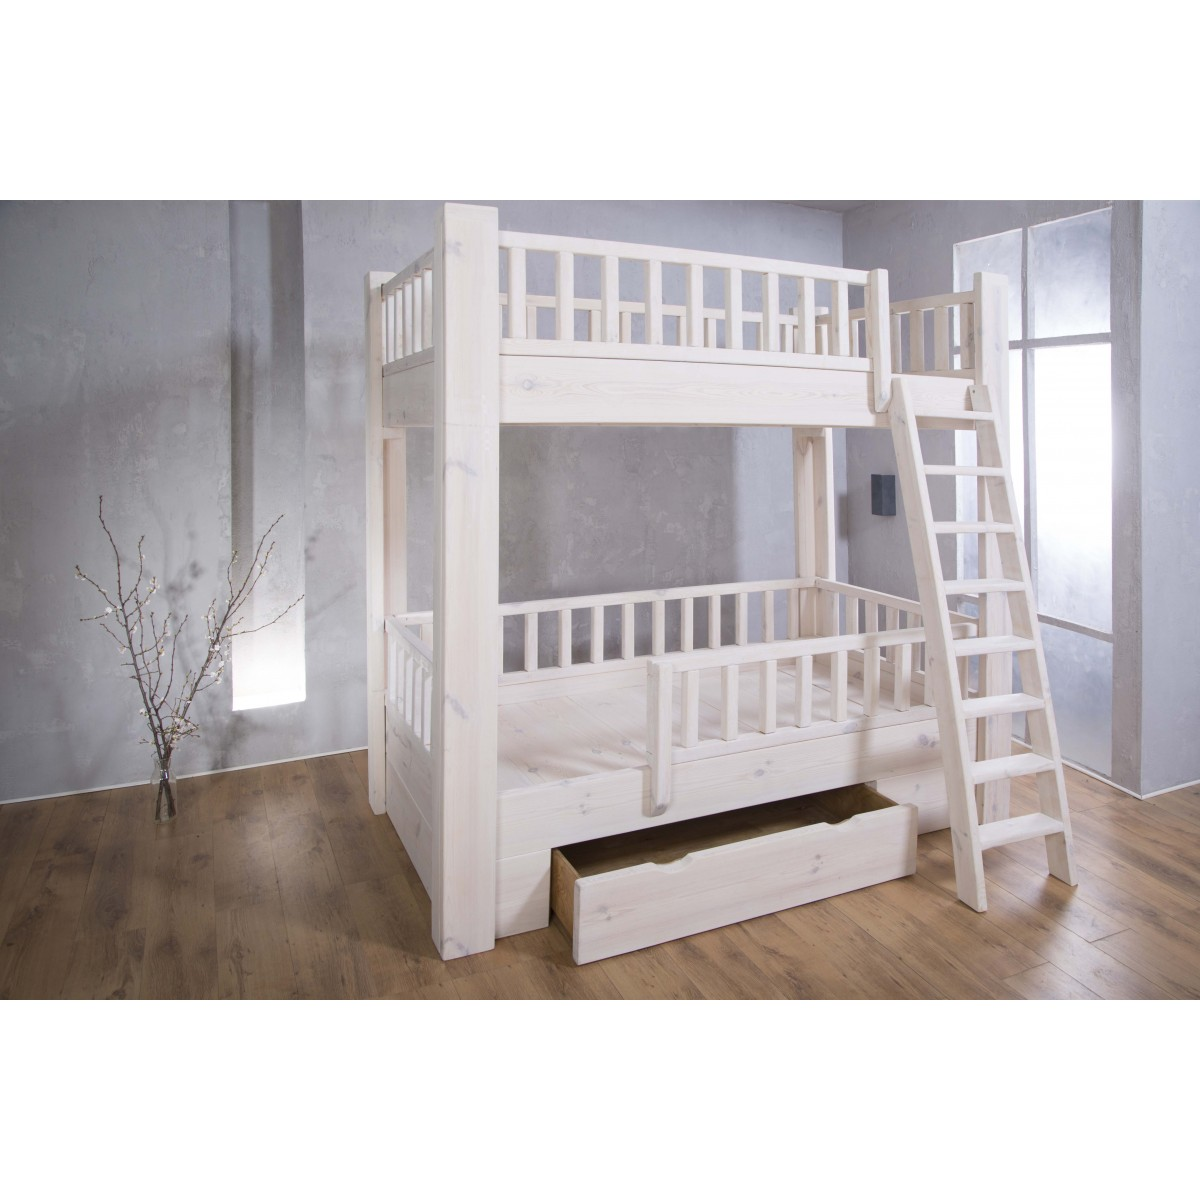 FraaiBerlin - Bauholz Hochbett für Kinder White wash - 201 x 209,5 cm x 121 cm